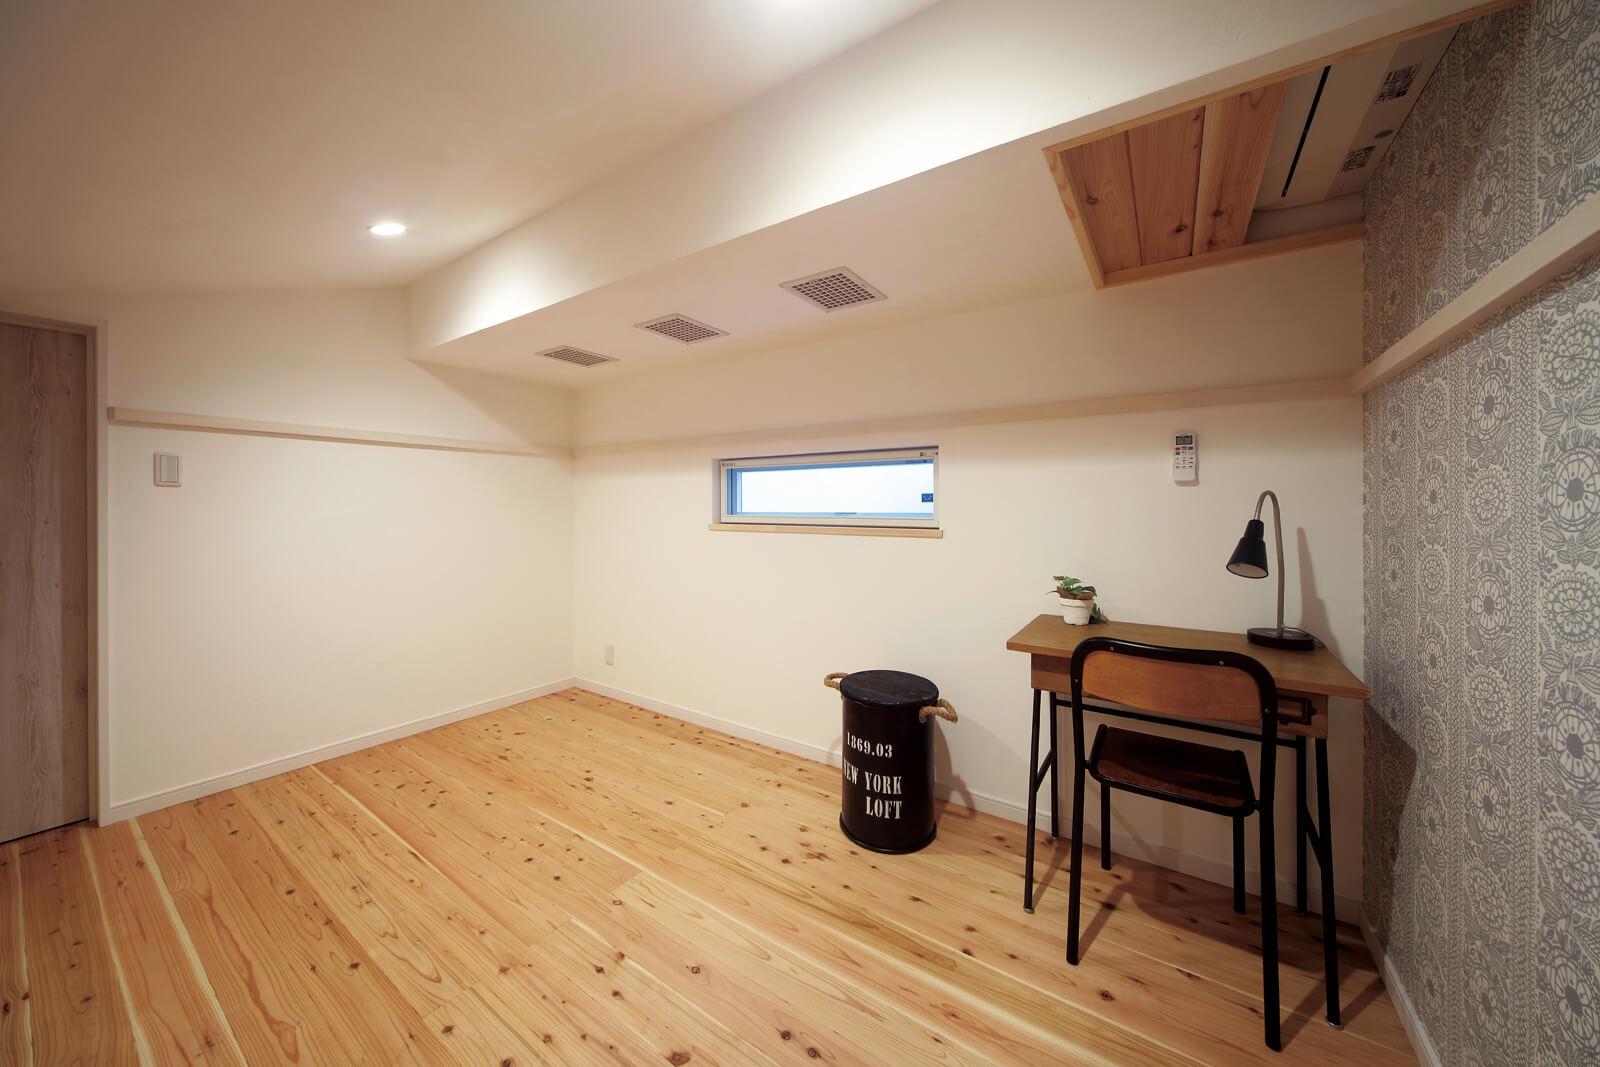 ロフト東側の洋室。天井に設けられたエアコンの冷風が、出っ張り部分に設けられたダクトスペースを通して各部屋に行き渡るため、オーバーヒートする心配はなし